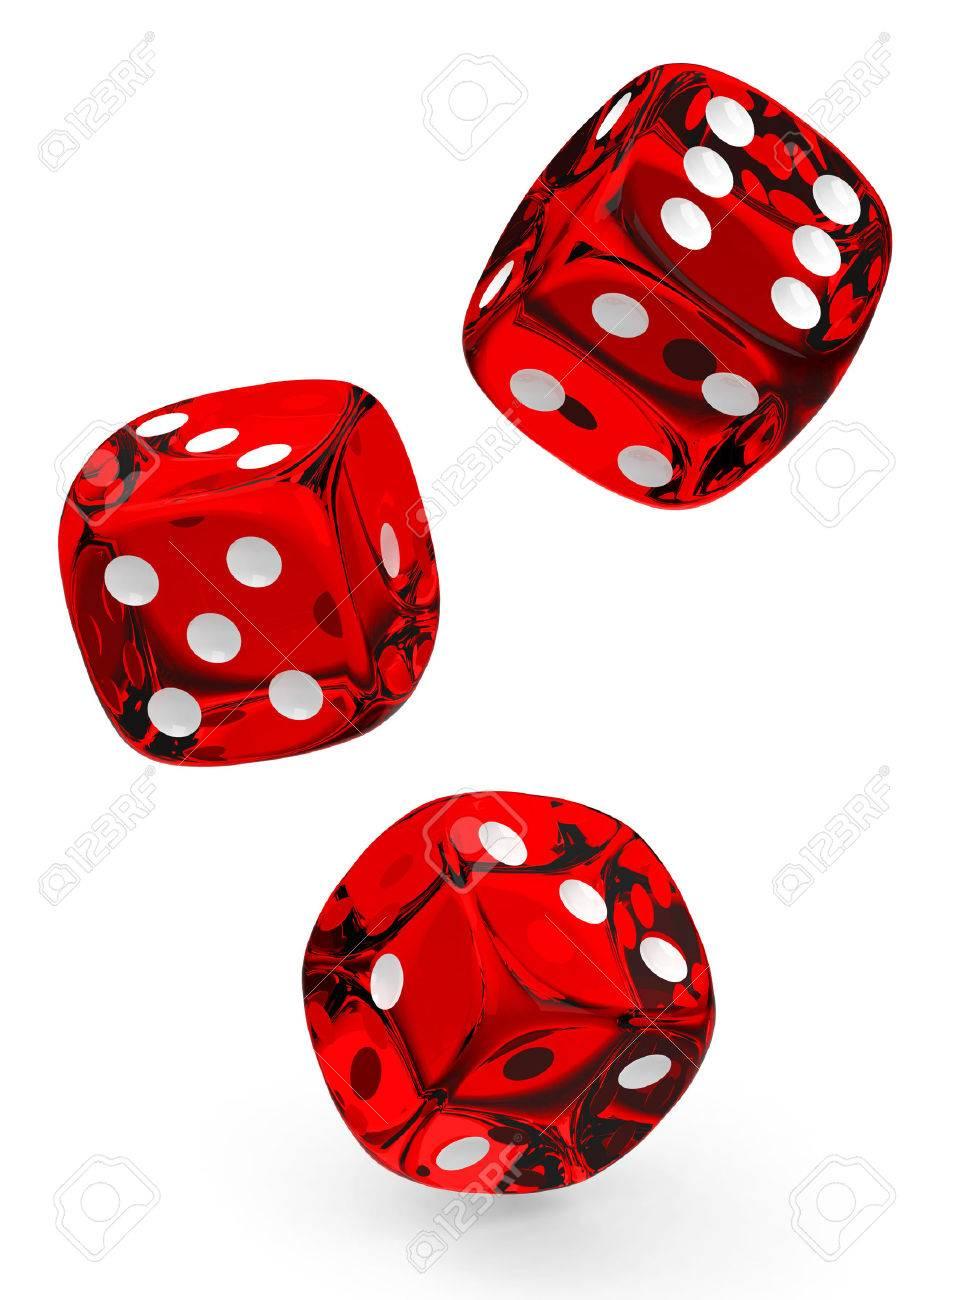 gambling - 26325940